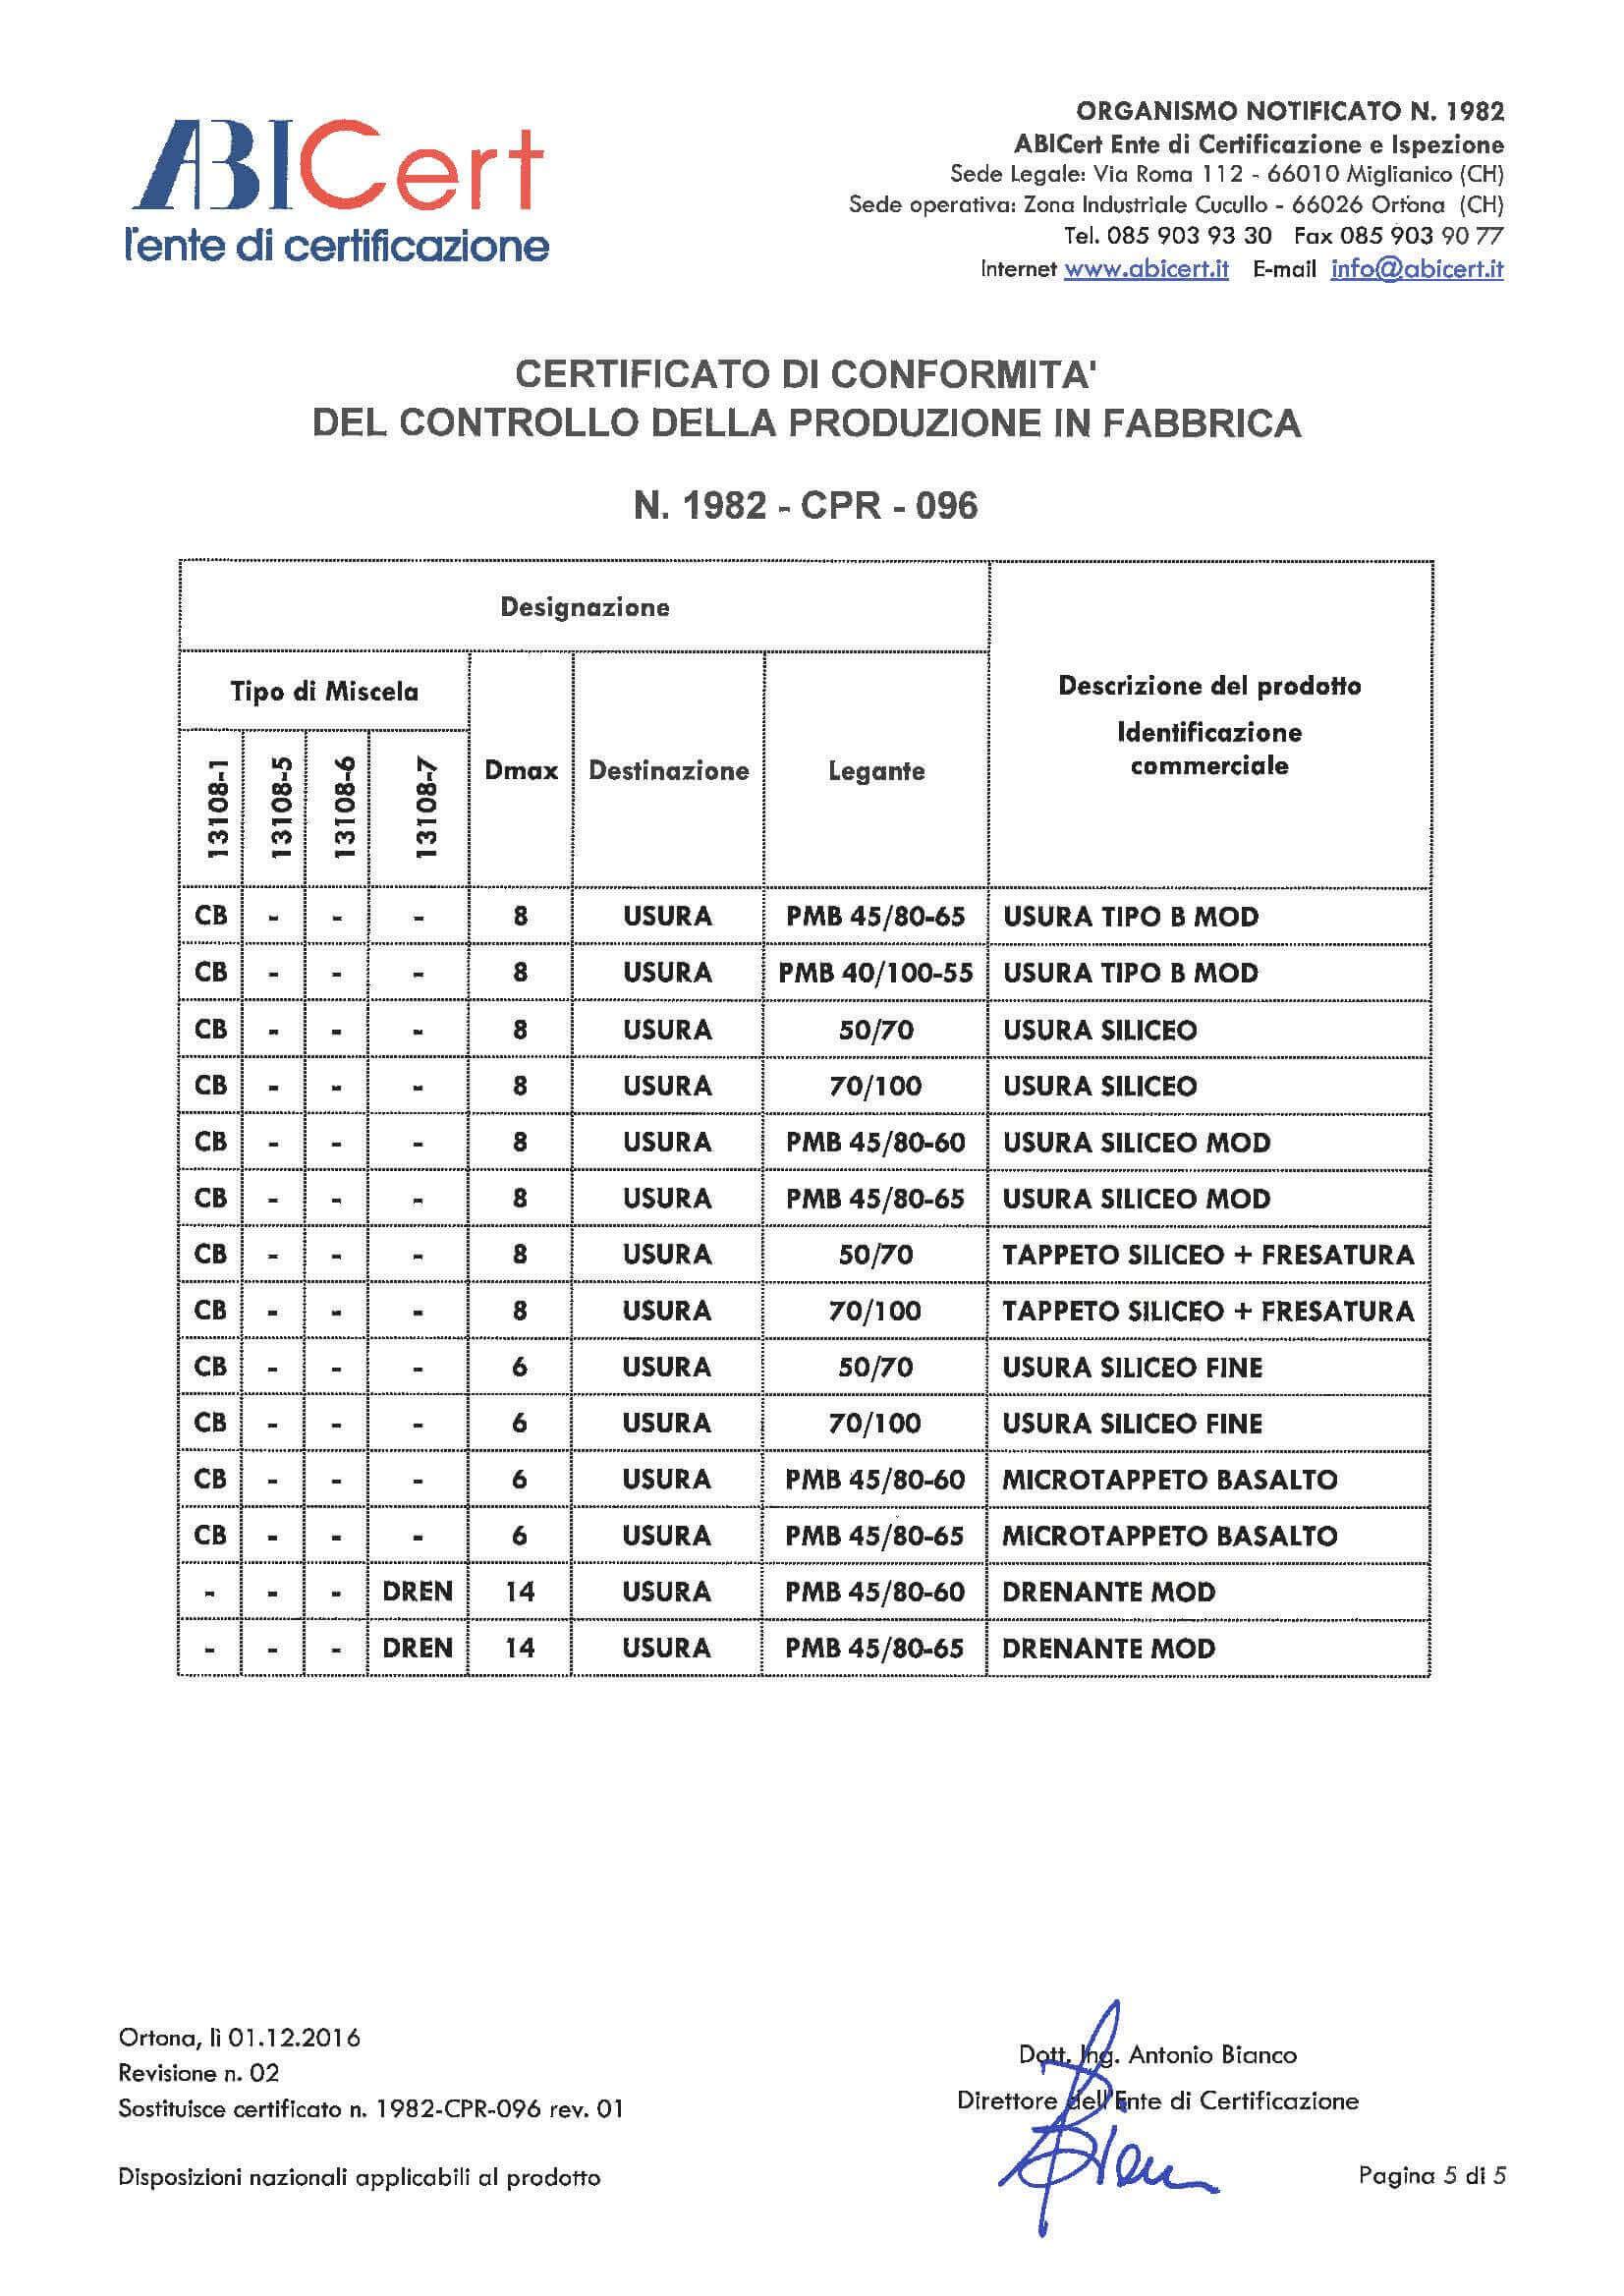 ABI Cert Certificato di conformita del controllo della produzione in Fabrrica 5/5